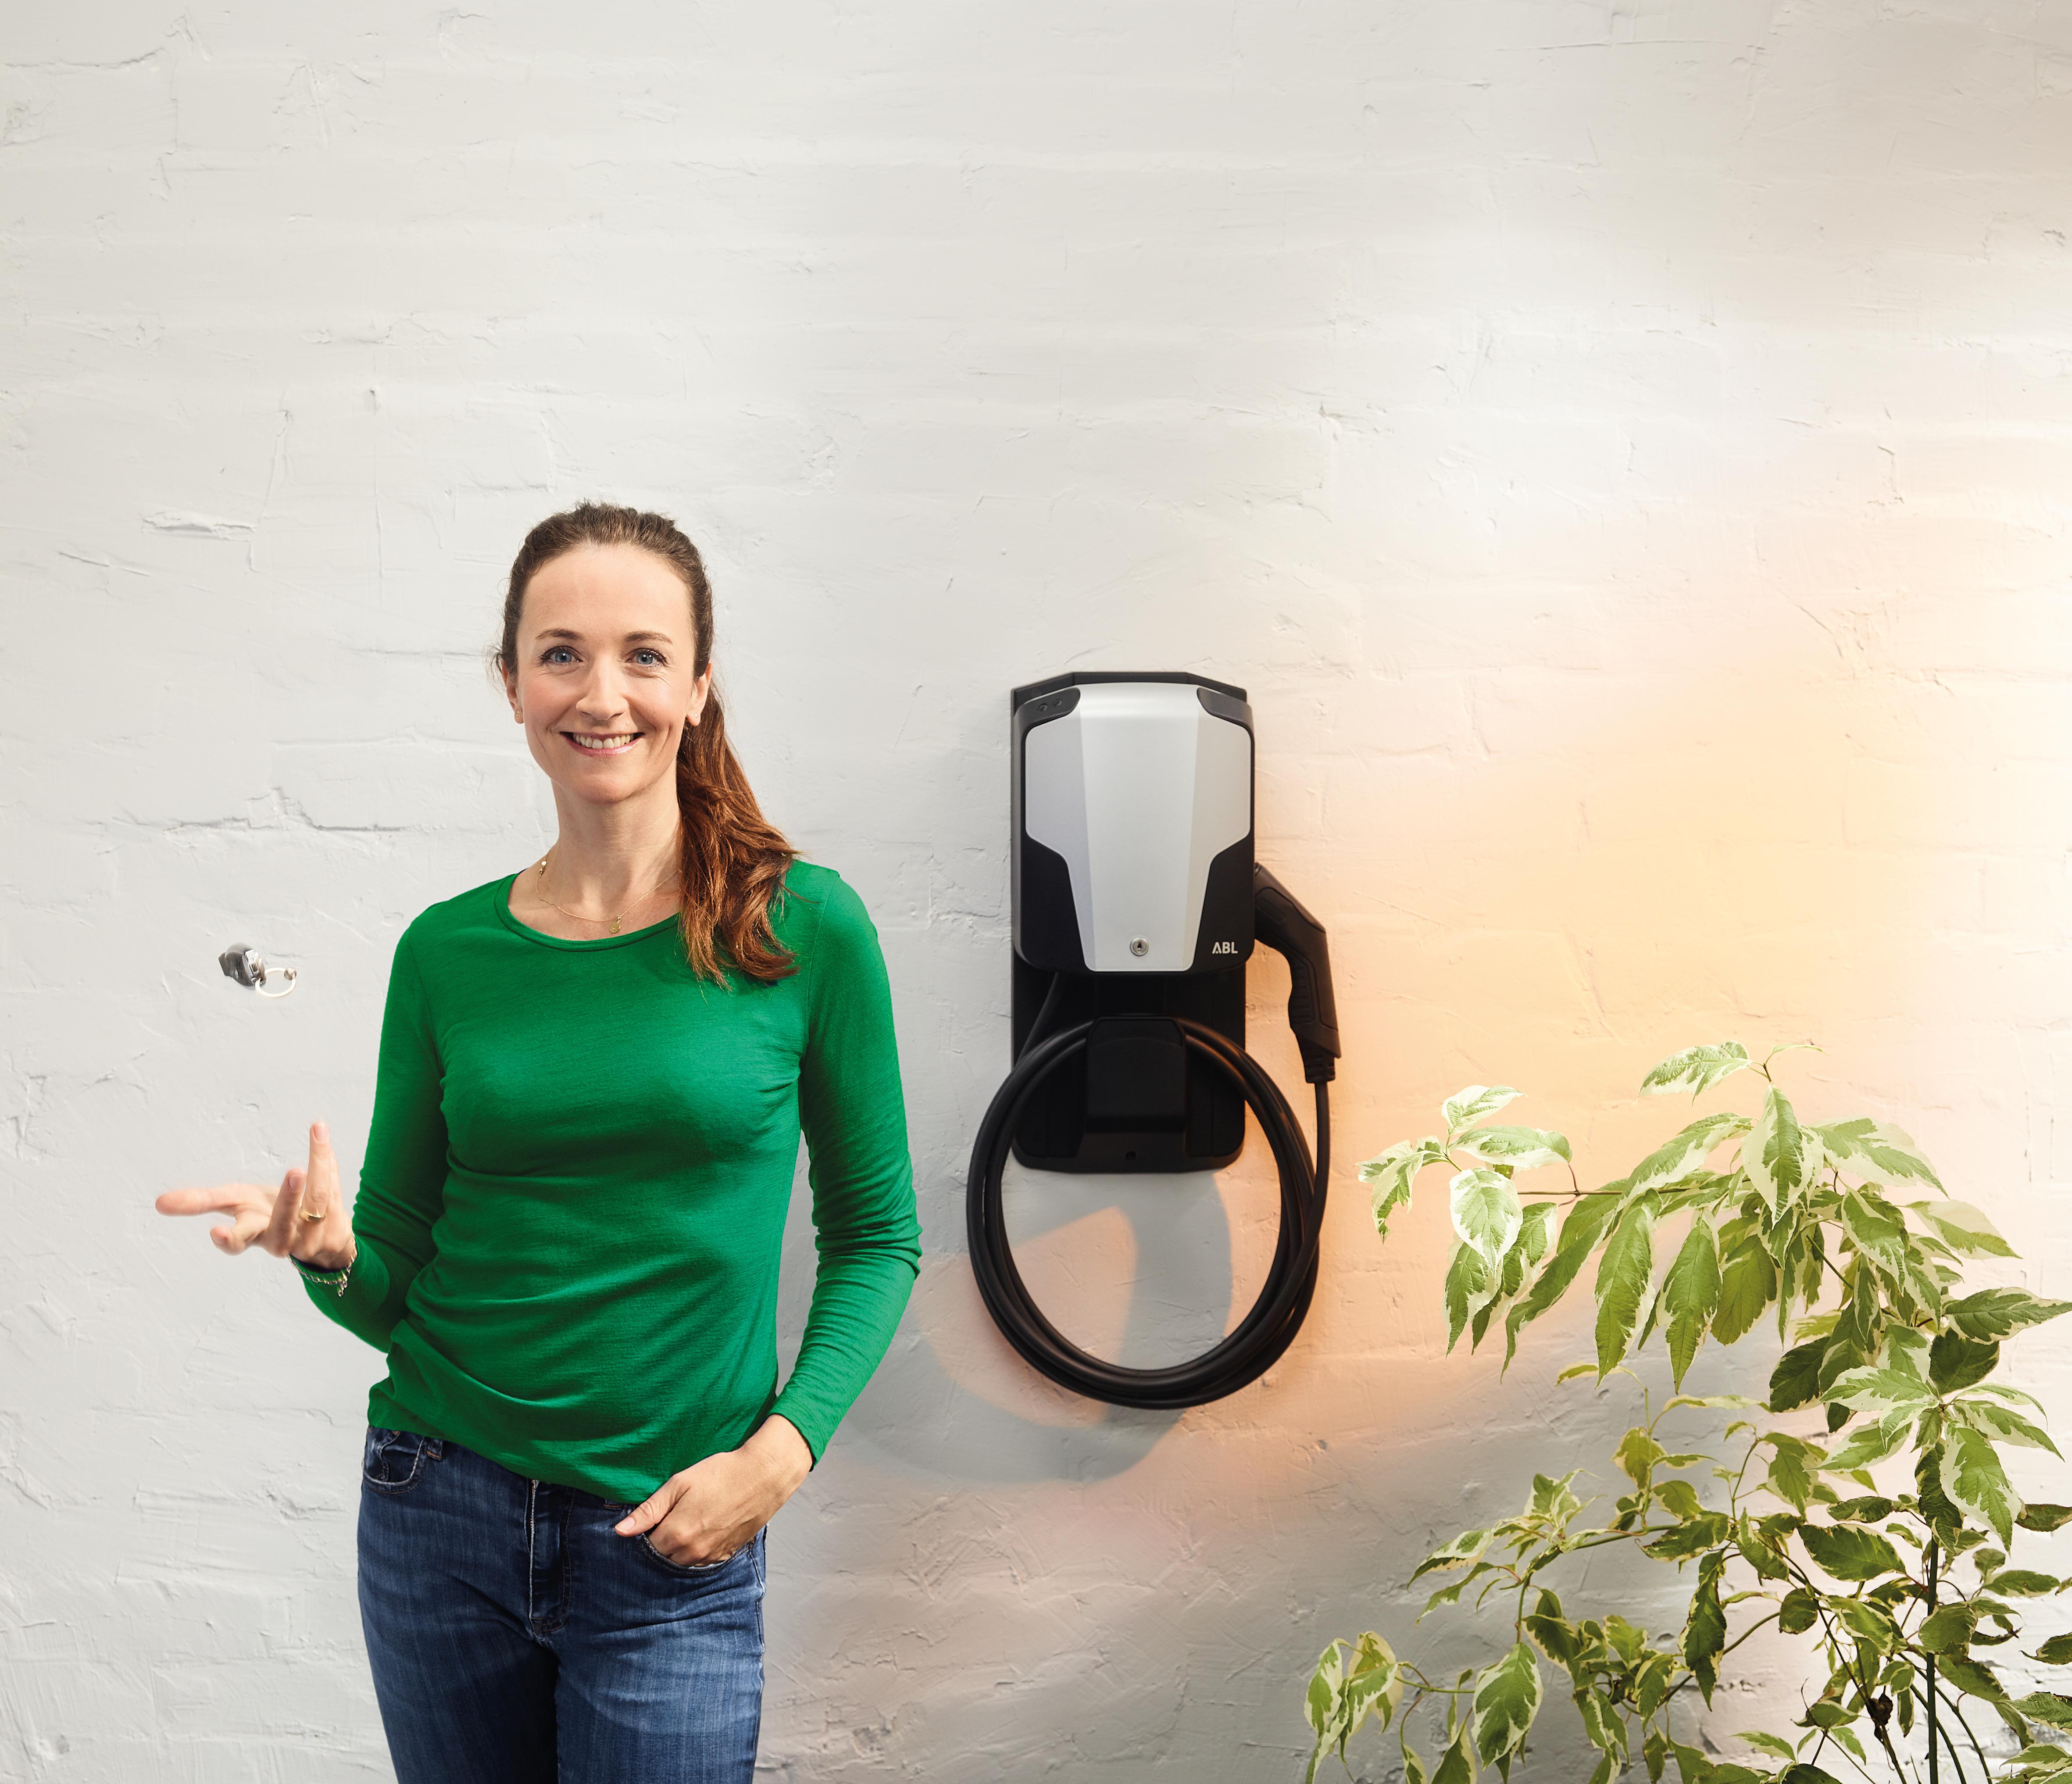 Eine Frau mit grünem Pullover wirft einen Schlüssel hoch. Im Hintergrund hängt an der Wand eine Ladestation für Elektroautos